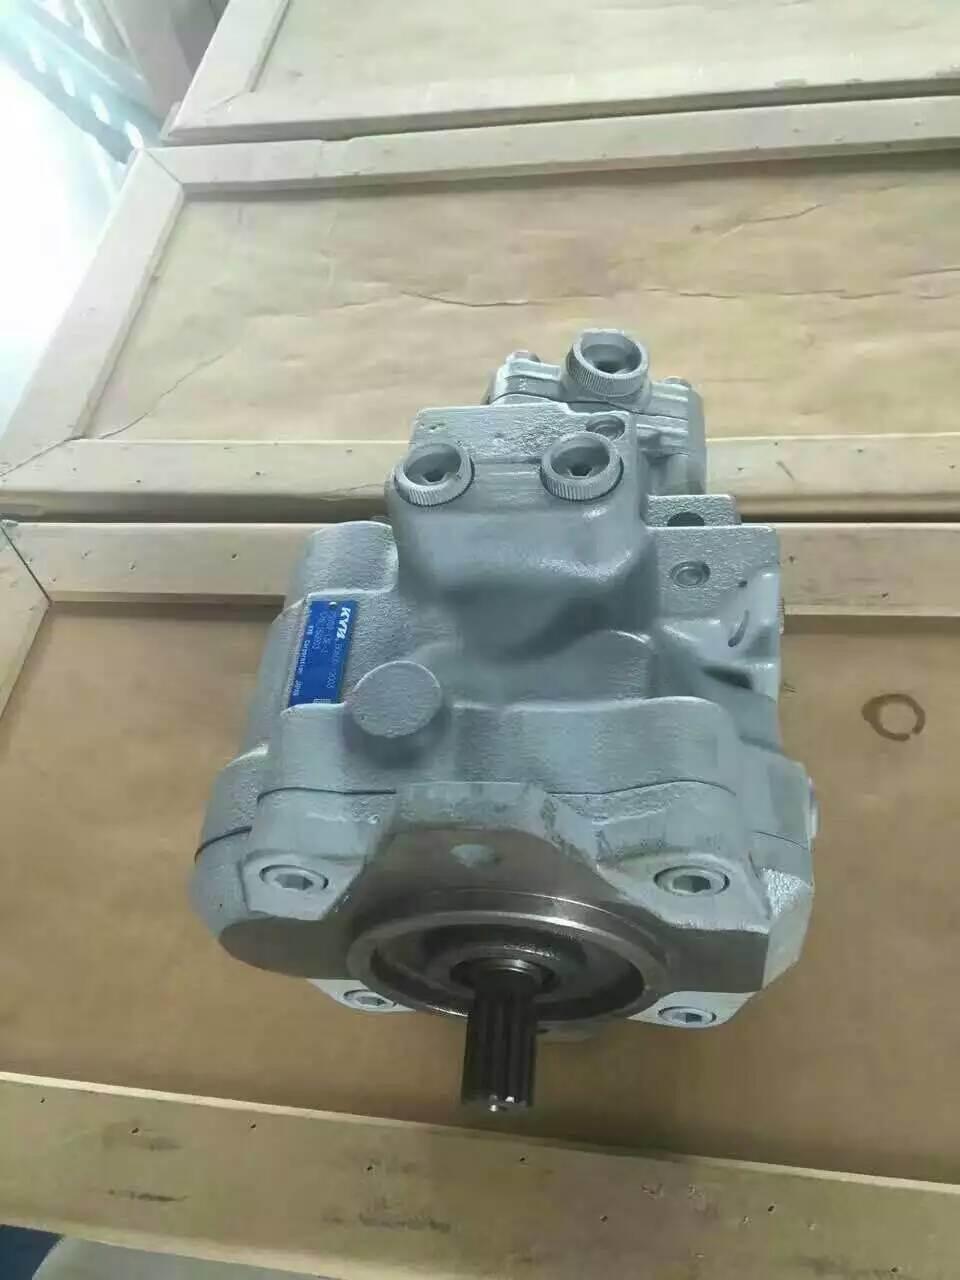 Kyb Psvd2-13e Small Hydraulic Pump